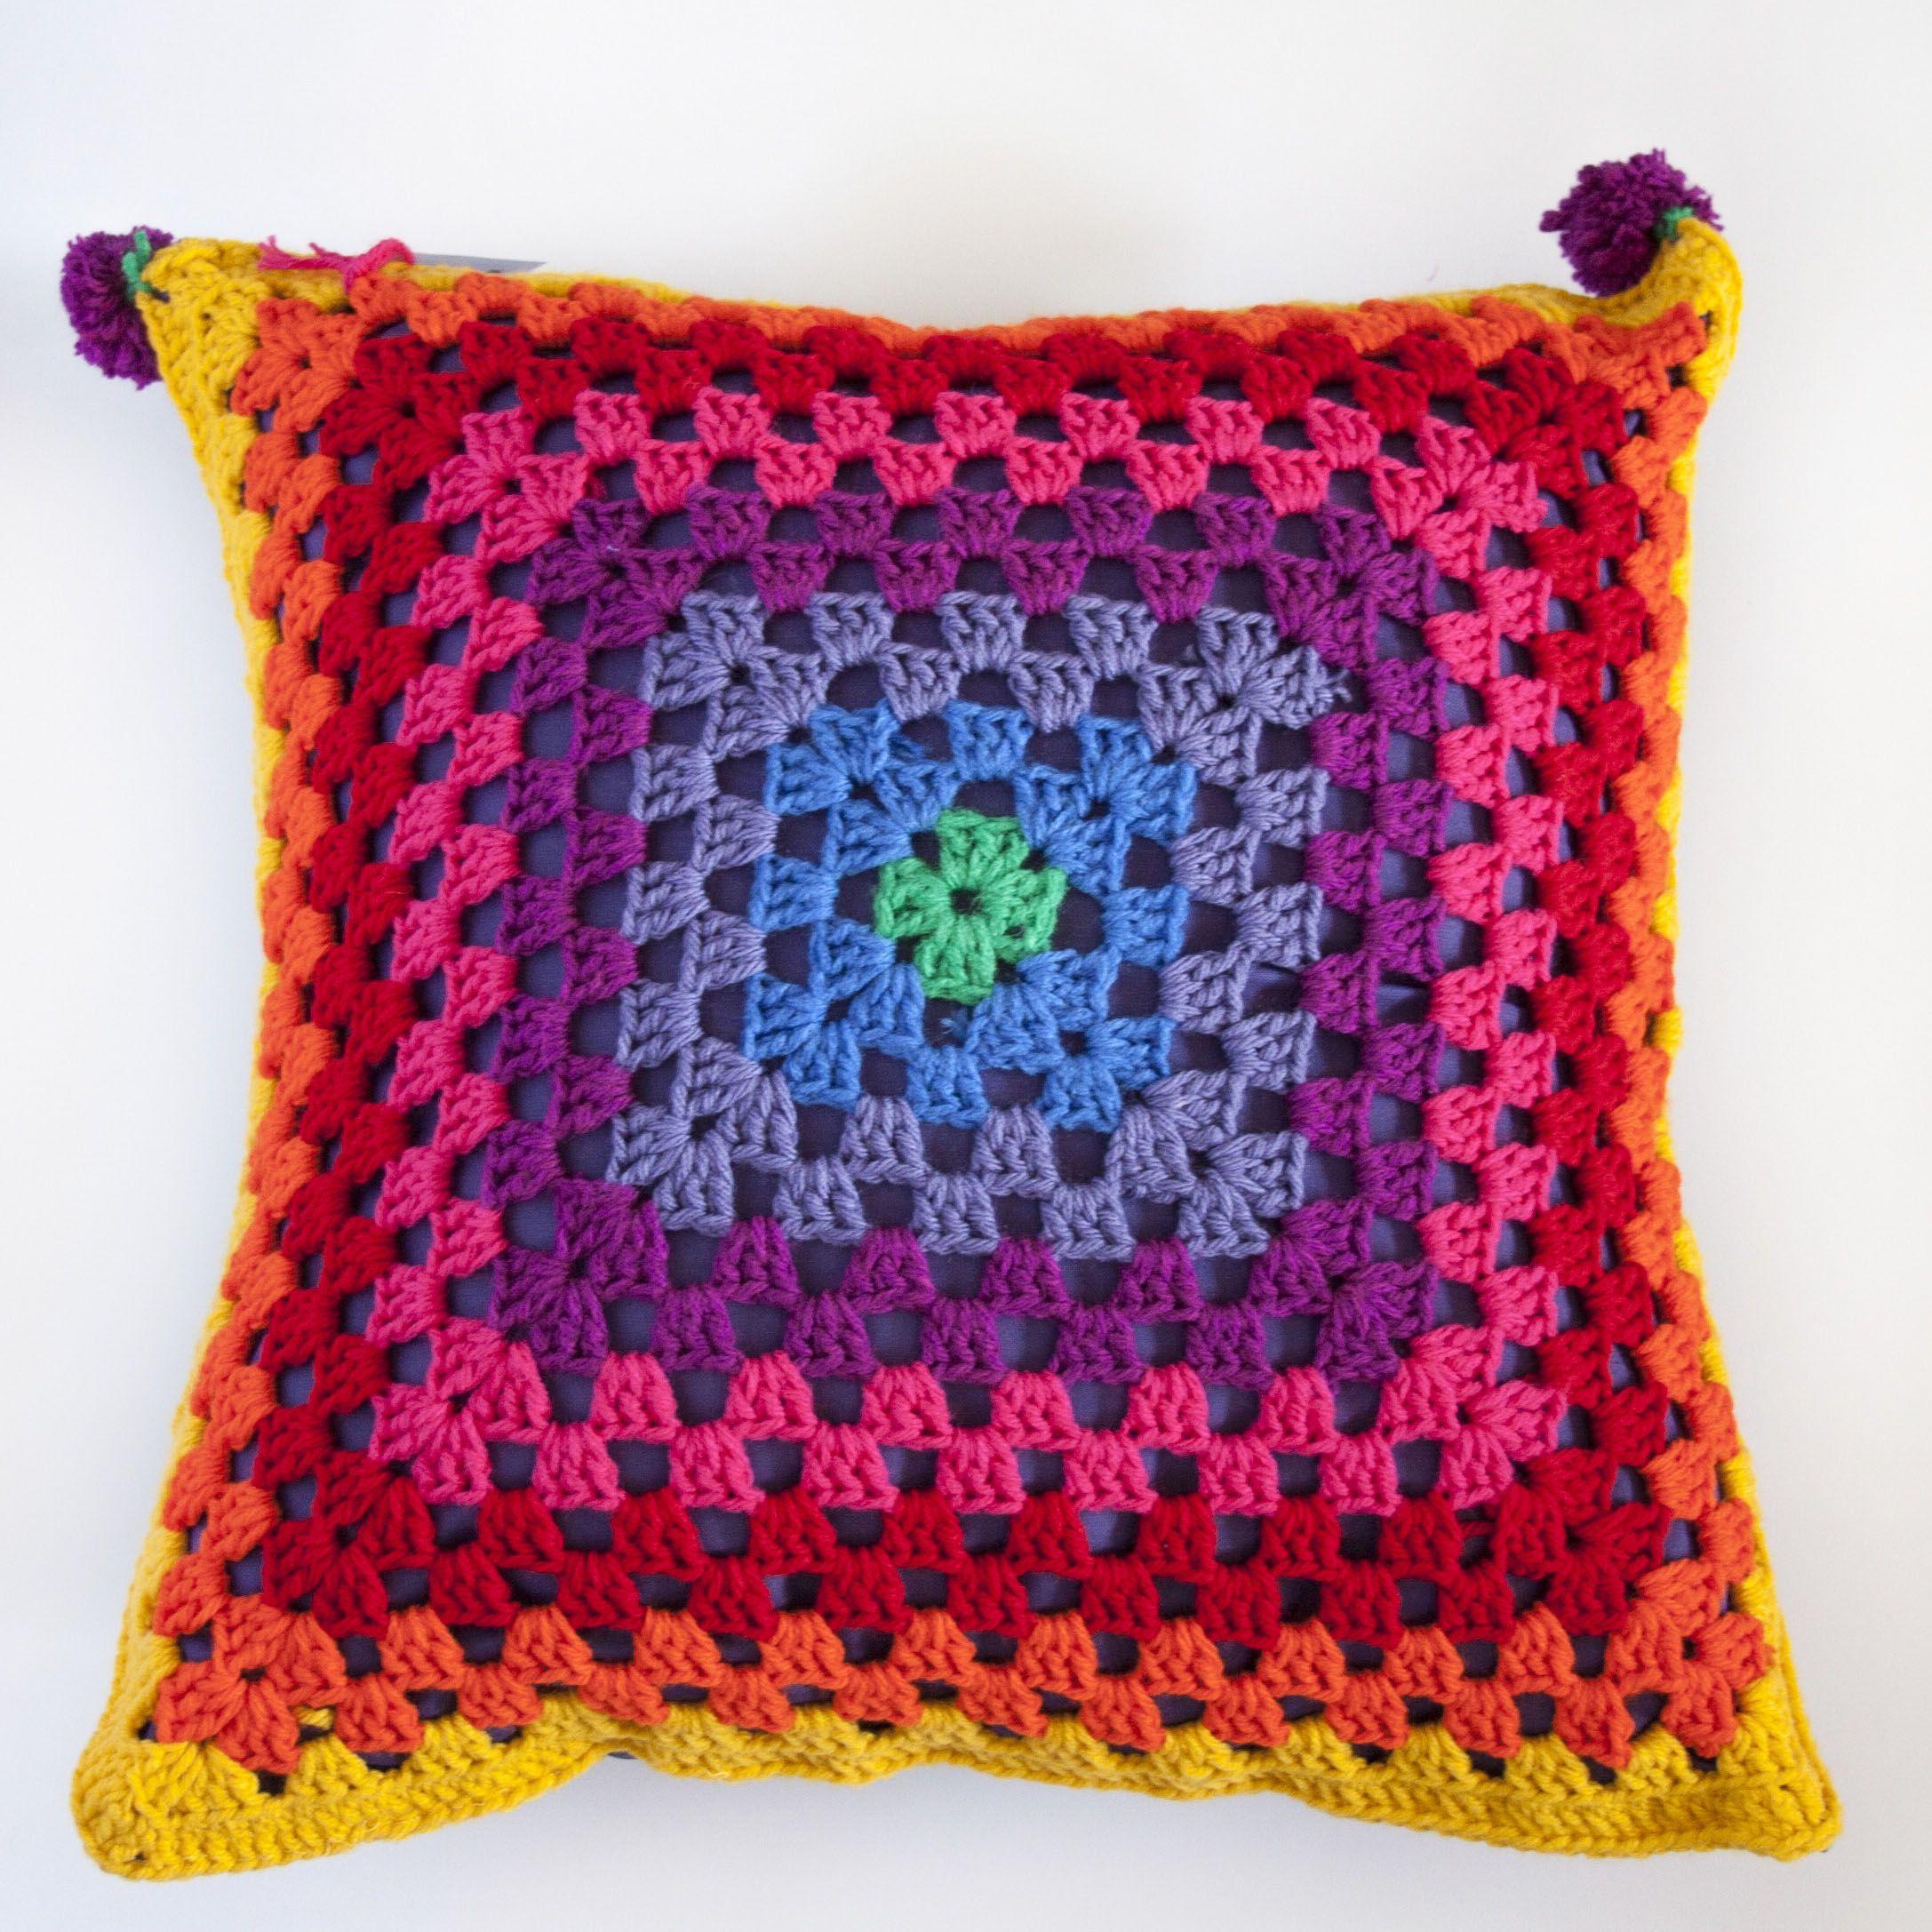 Funda para almohadon al crochet, $150 en ofeliafeliz